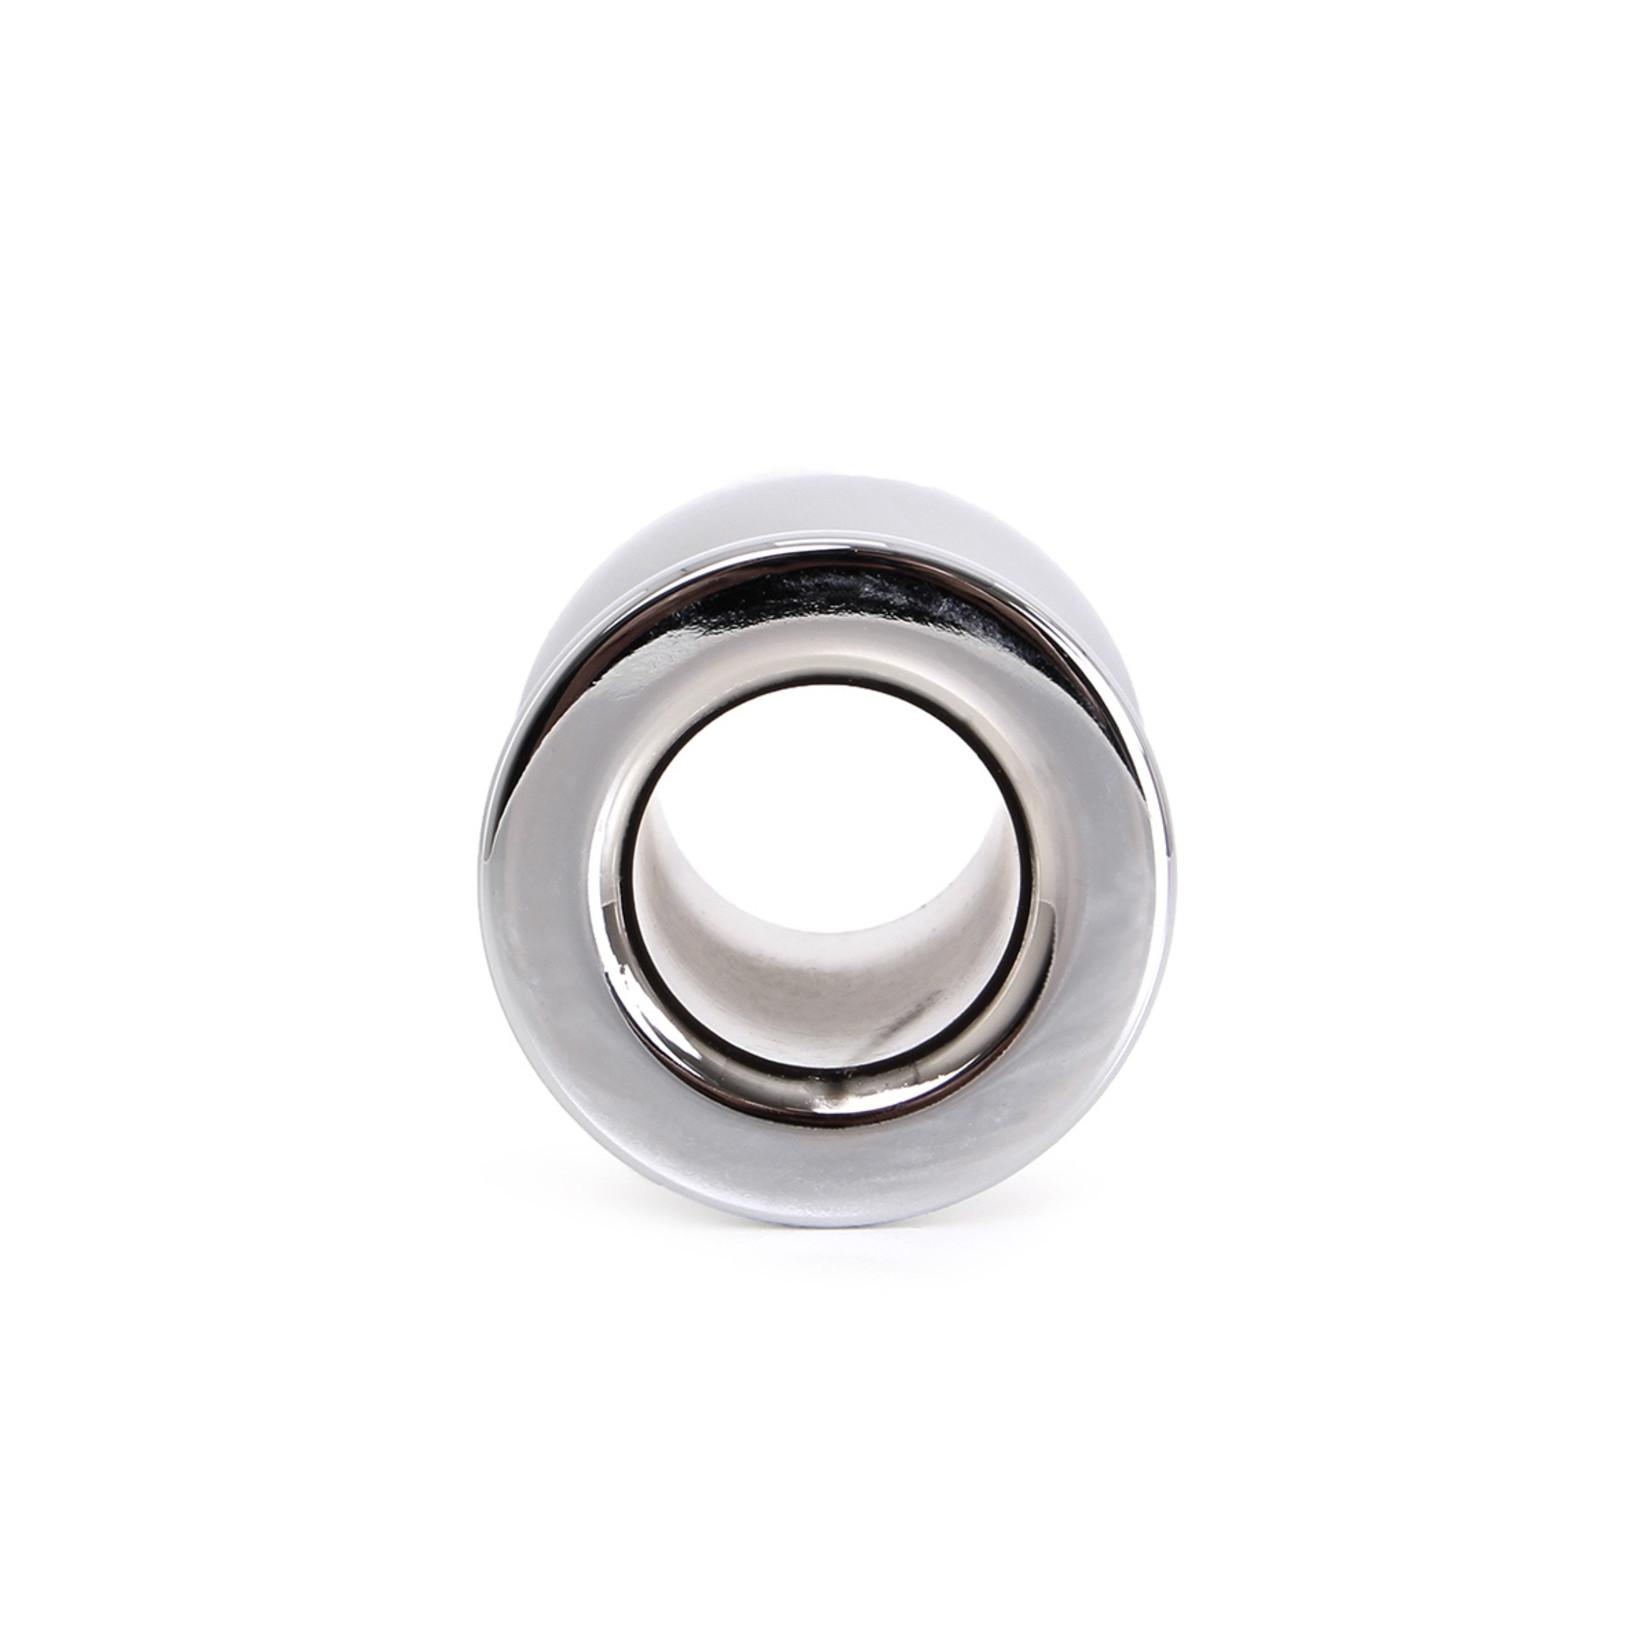 KIOTOS Steel Holle Anaal Plug M